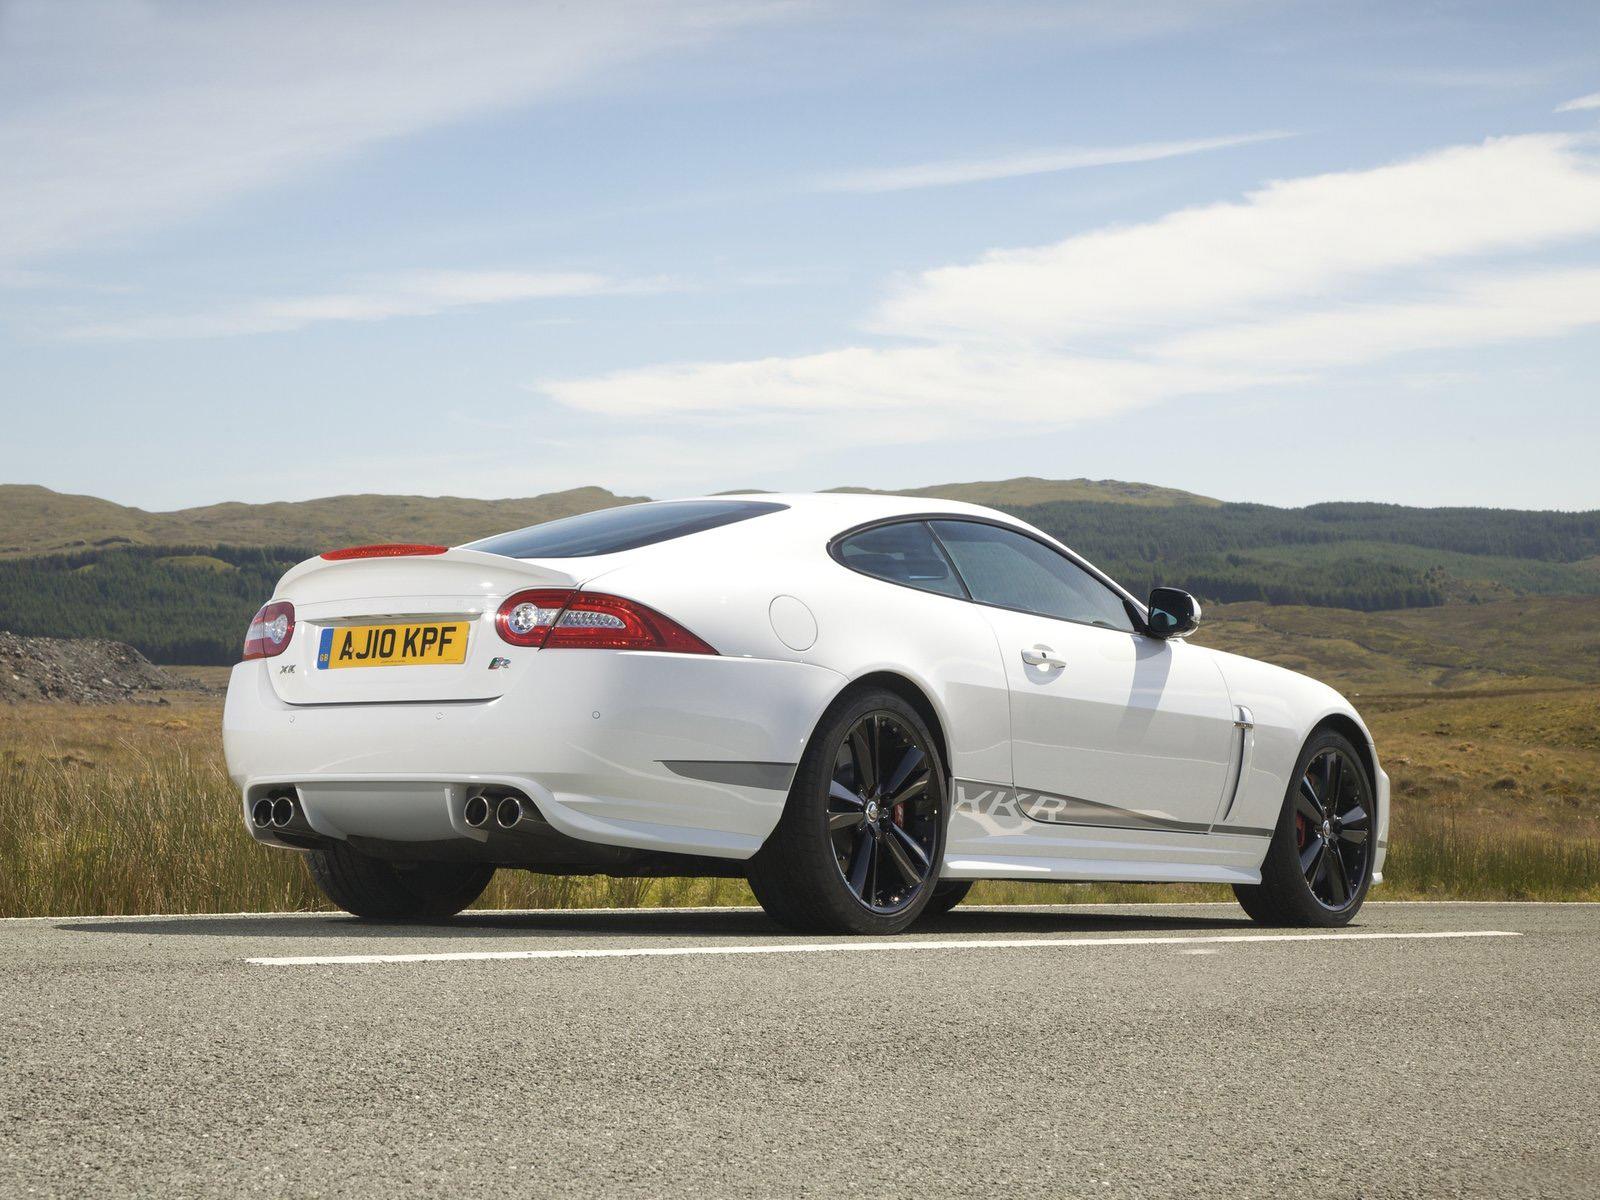 http://4.bp.blogspot.com/-J_CTYDPrLt0/Tc16G09VKII/AAAAAAAACtQ/liKKS60ZdEU/s1600/Jaguar+XKR+Speed+2011+wallpaper.jpg